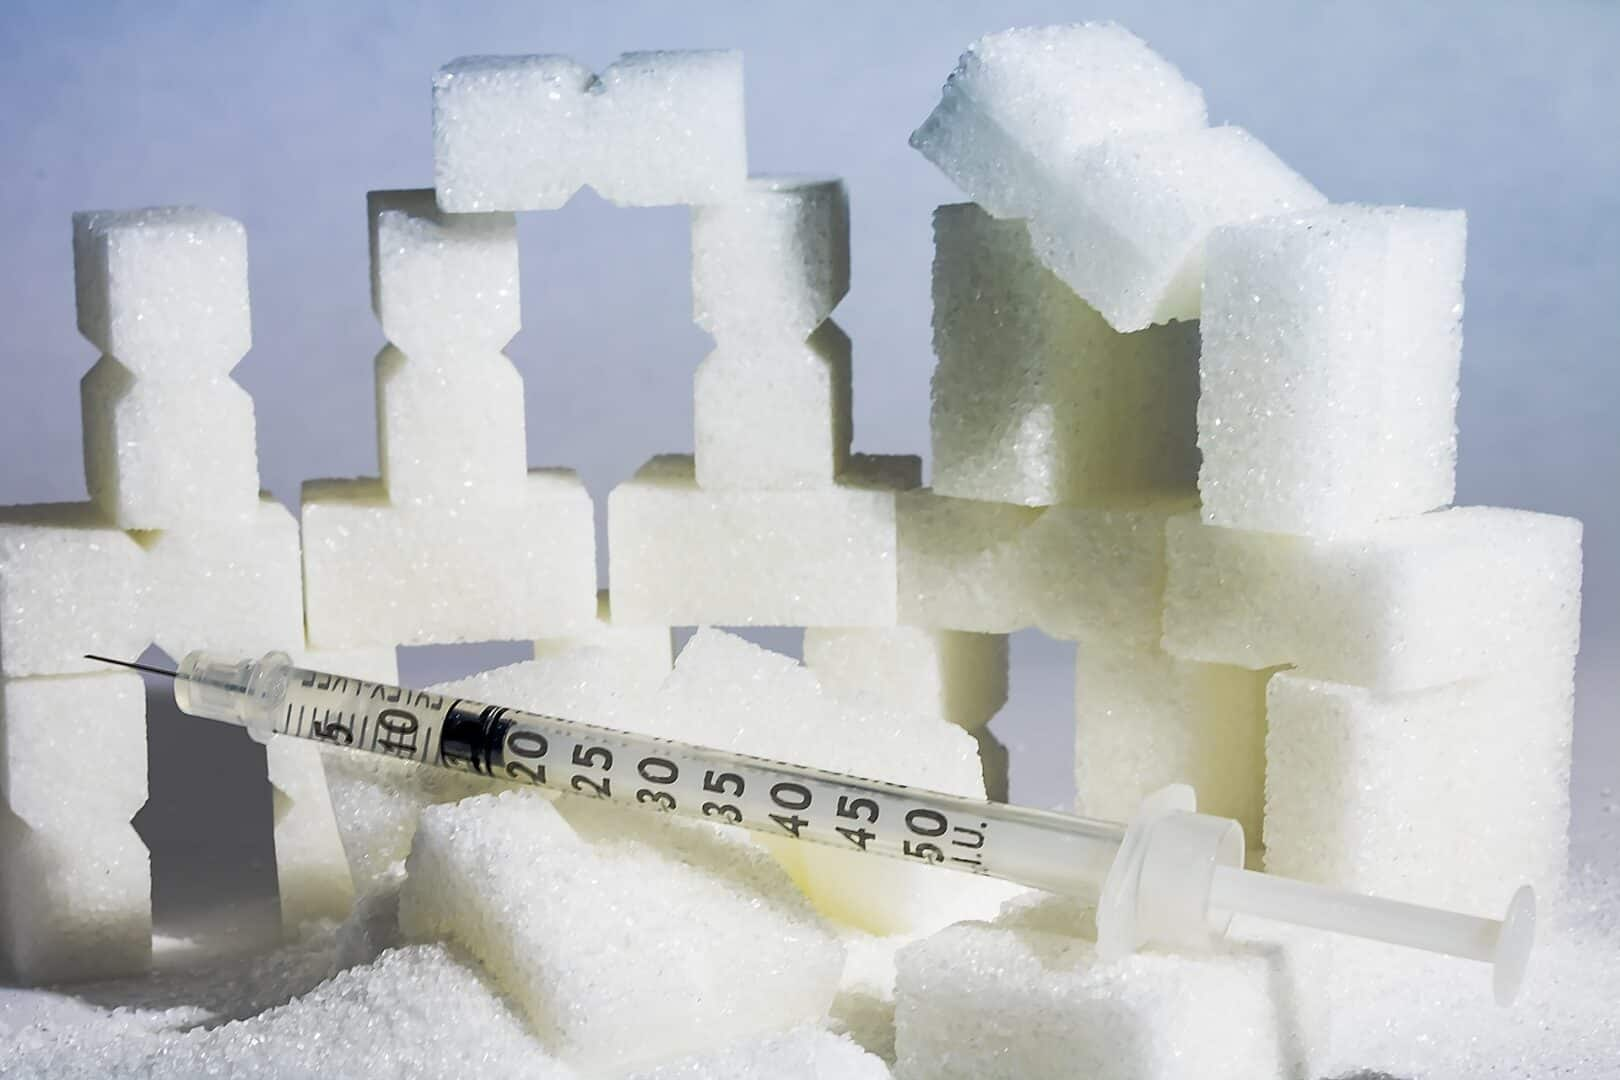 Wurzeln statt Insulin